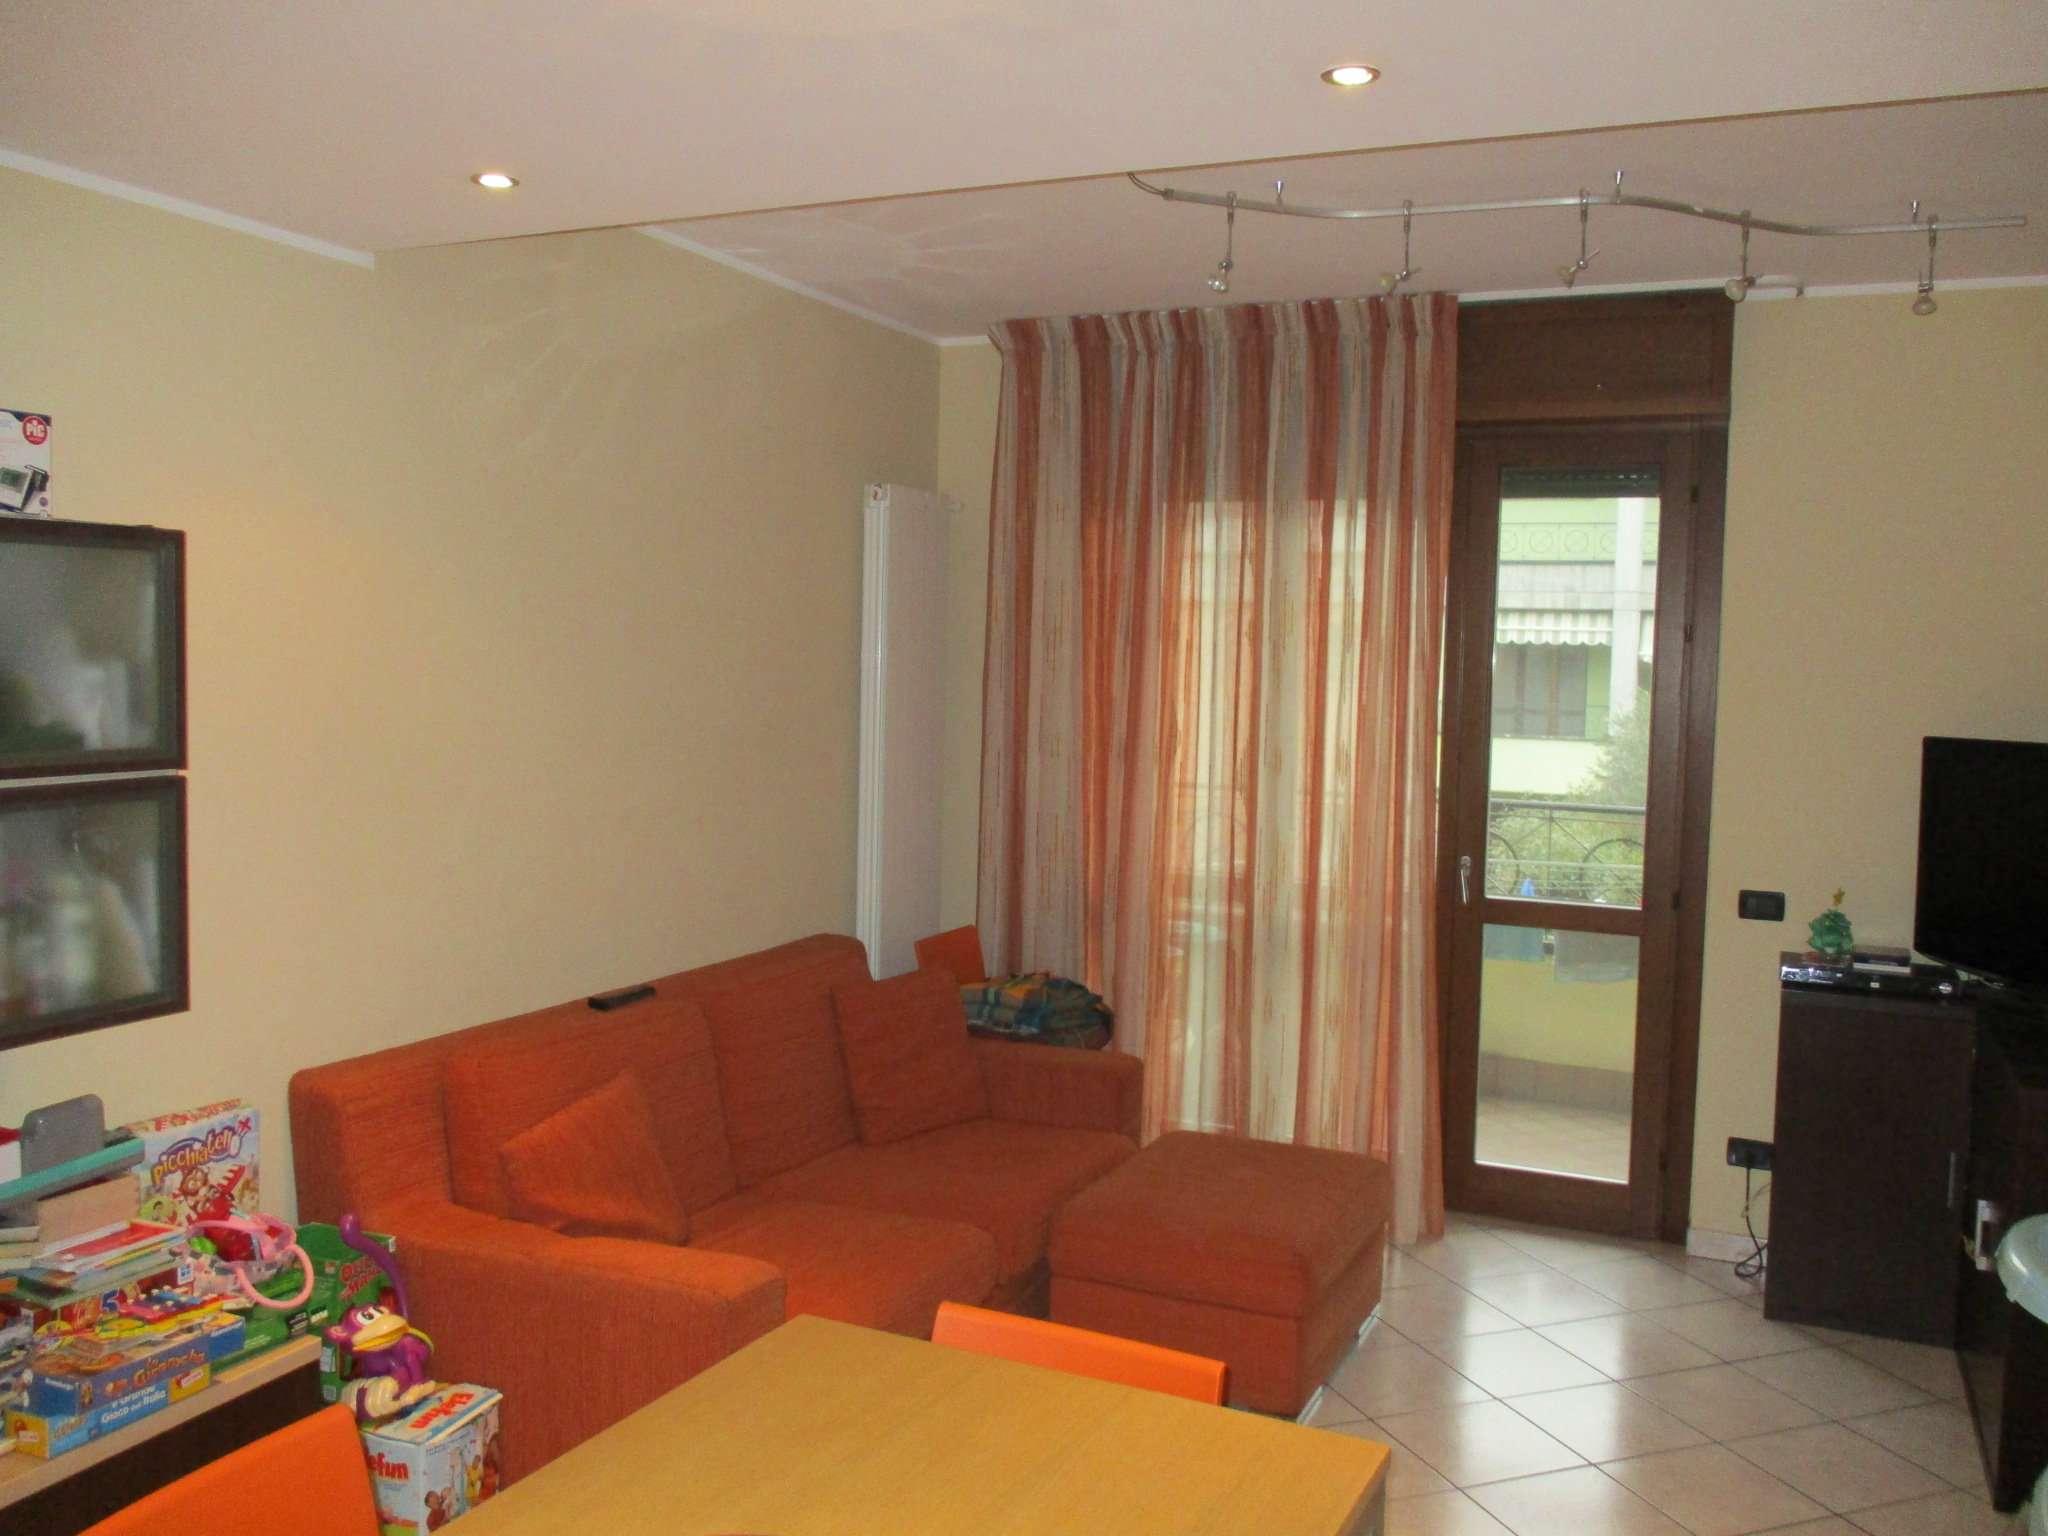 Appartamento in vendita a Romano di Lombardia, 3 locali, prezzo € 130.000 | Cambio Casa.it